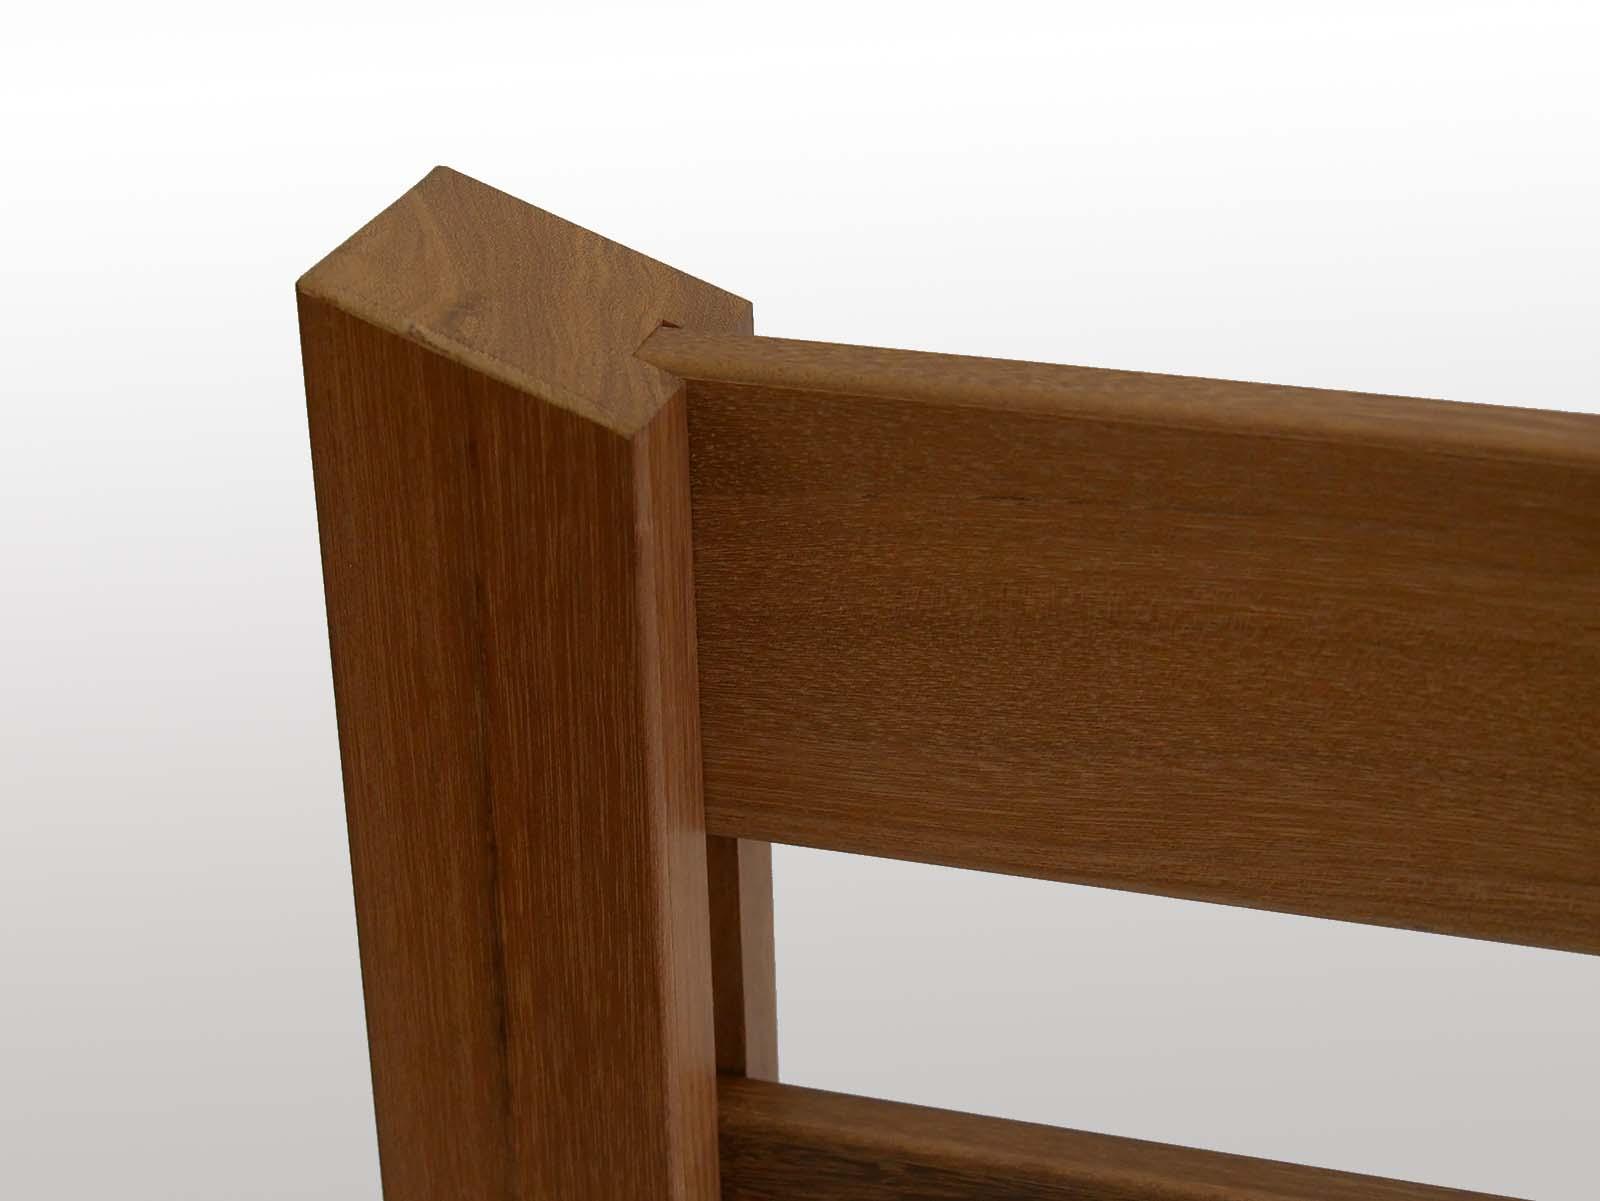 デッキ用手摺ウリン(独立タイプ) 簡単設置 後付け可能 簡単設置 後付け可能